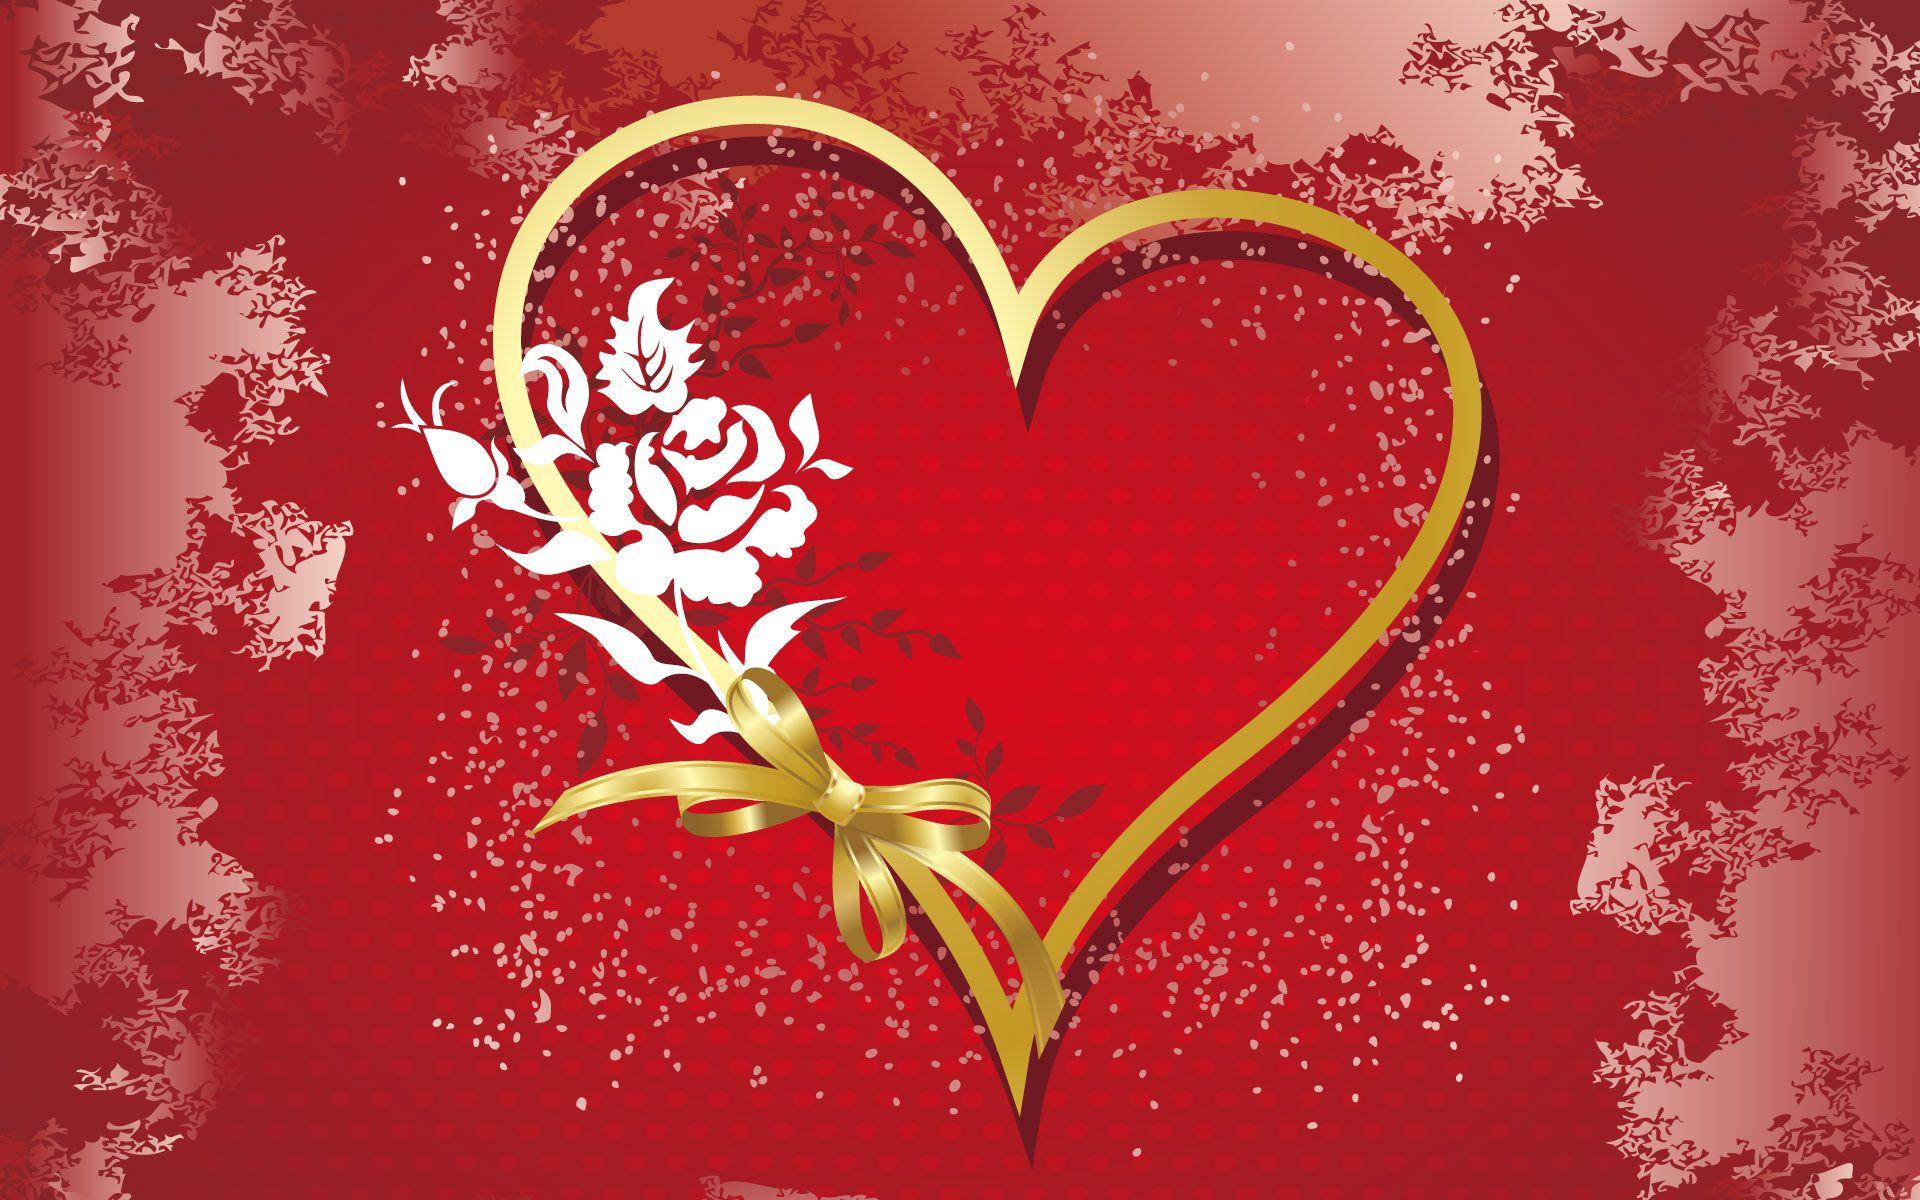 Wonderful Wallpaper Love Anniversary - b70a024fdbe4da2e6e1a8e1010f7429e  Picture_646688.jpg